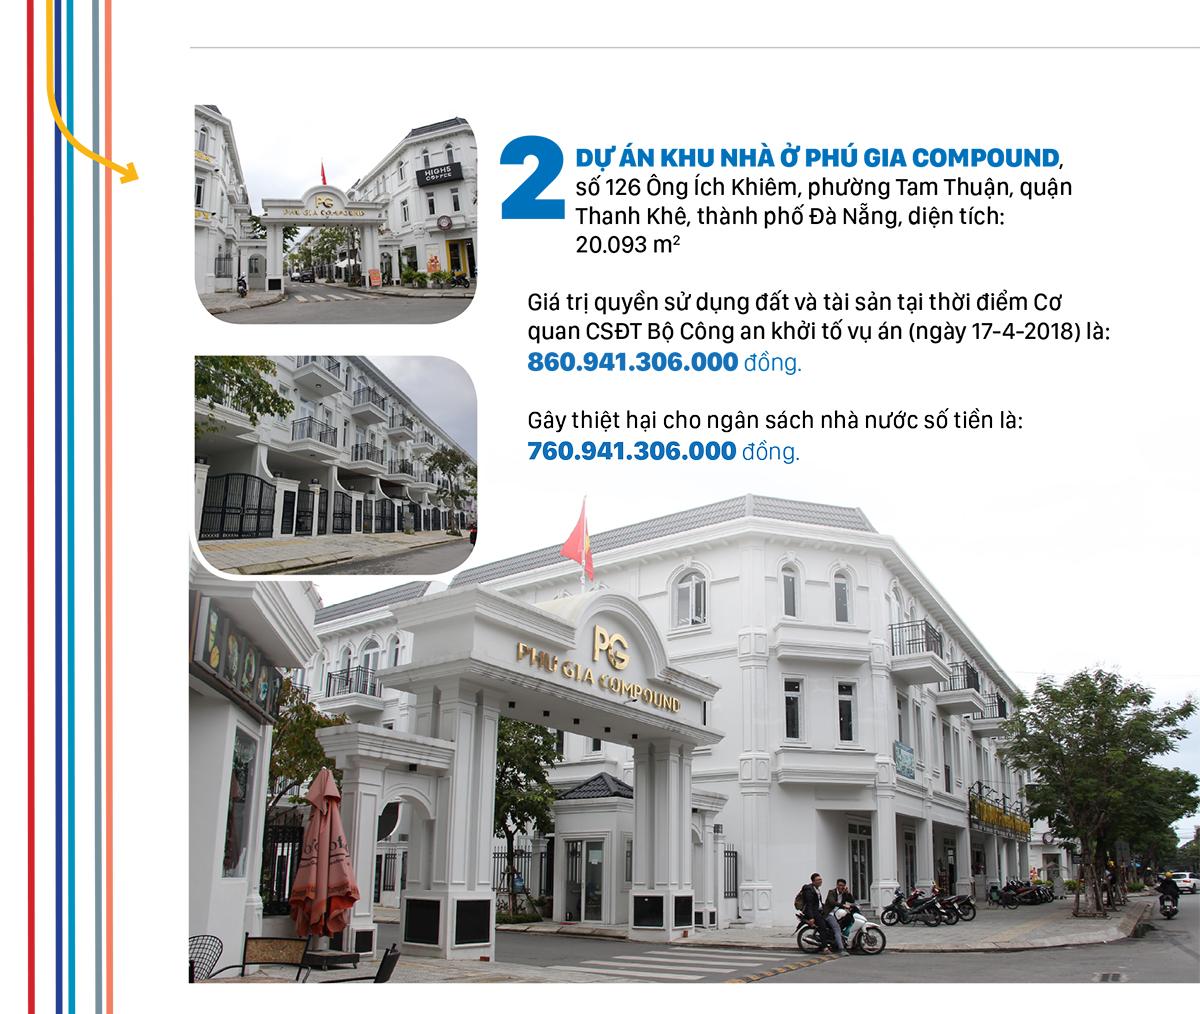 7 dự án tại Đà Nẵng giúp Phan Văn Anh Vũ trục lợi hơn 19,6 ngàn tỷ đồng ảnh 3